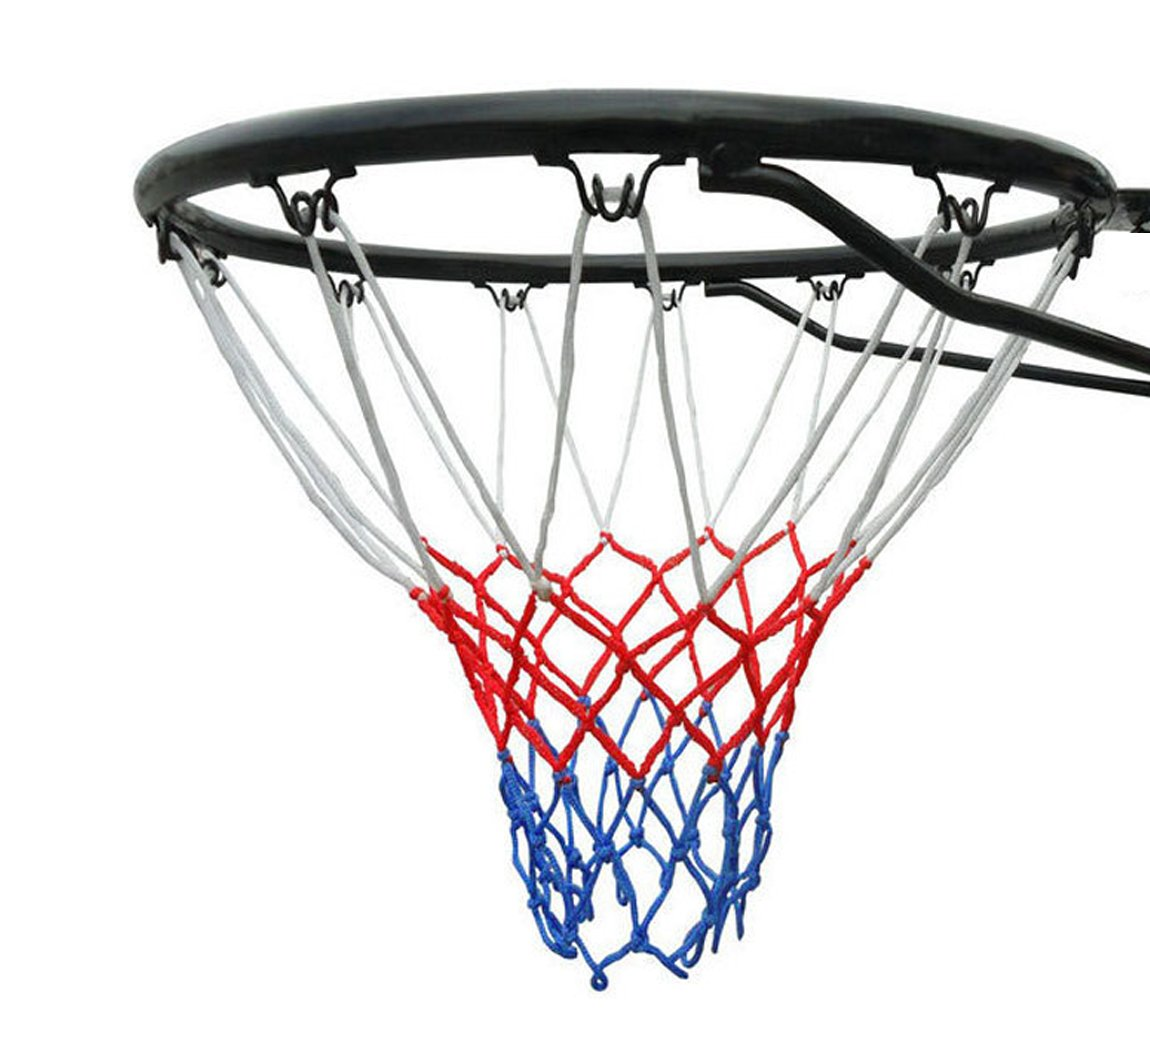 aro red y montaje en la pared fijaciones anillo de baloncesto 45 cm Adecuado para adultos y ni/ños Tama/ño oficial